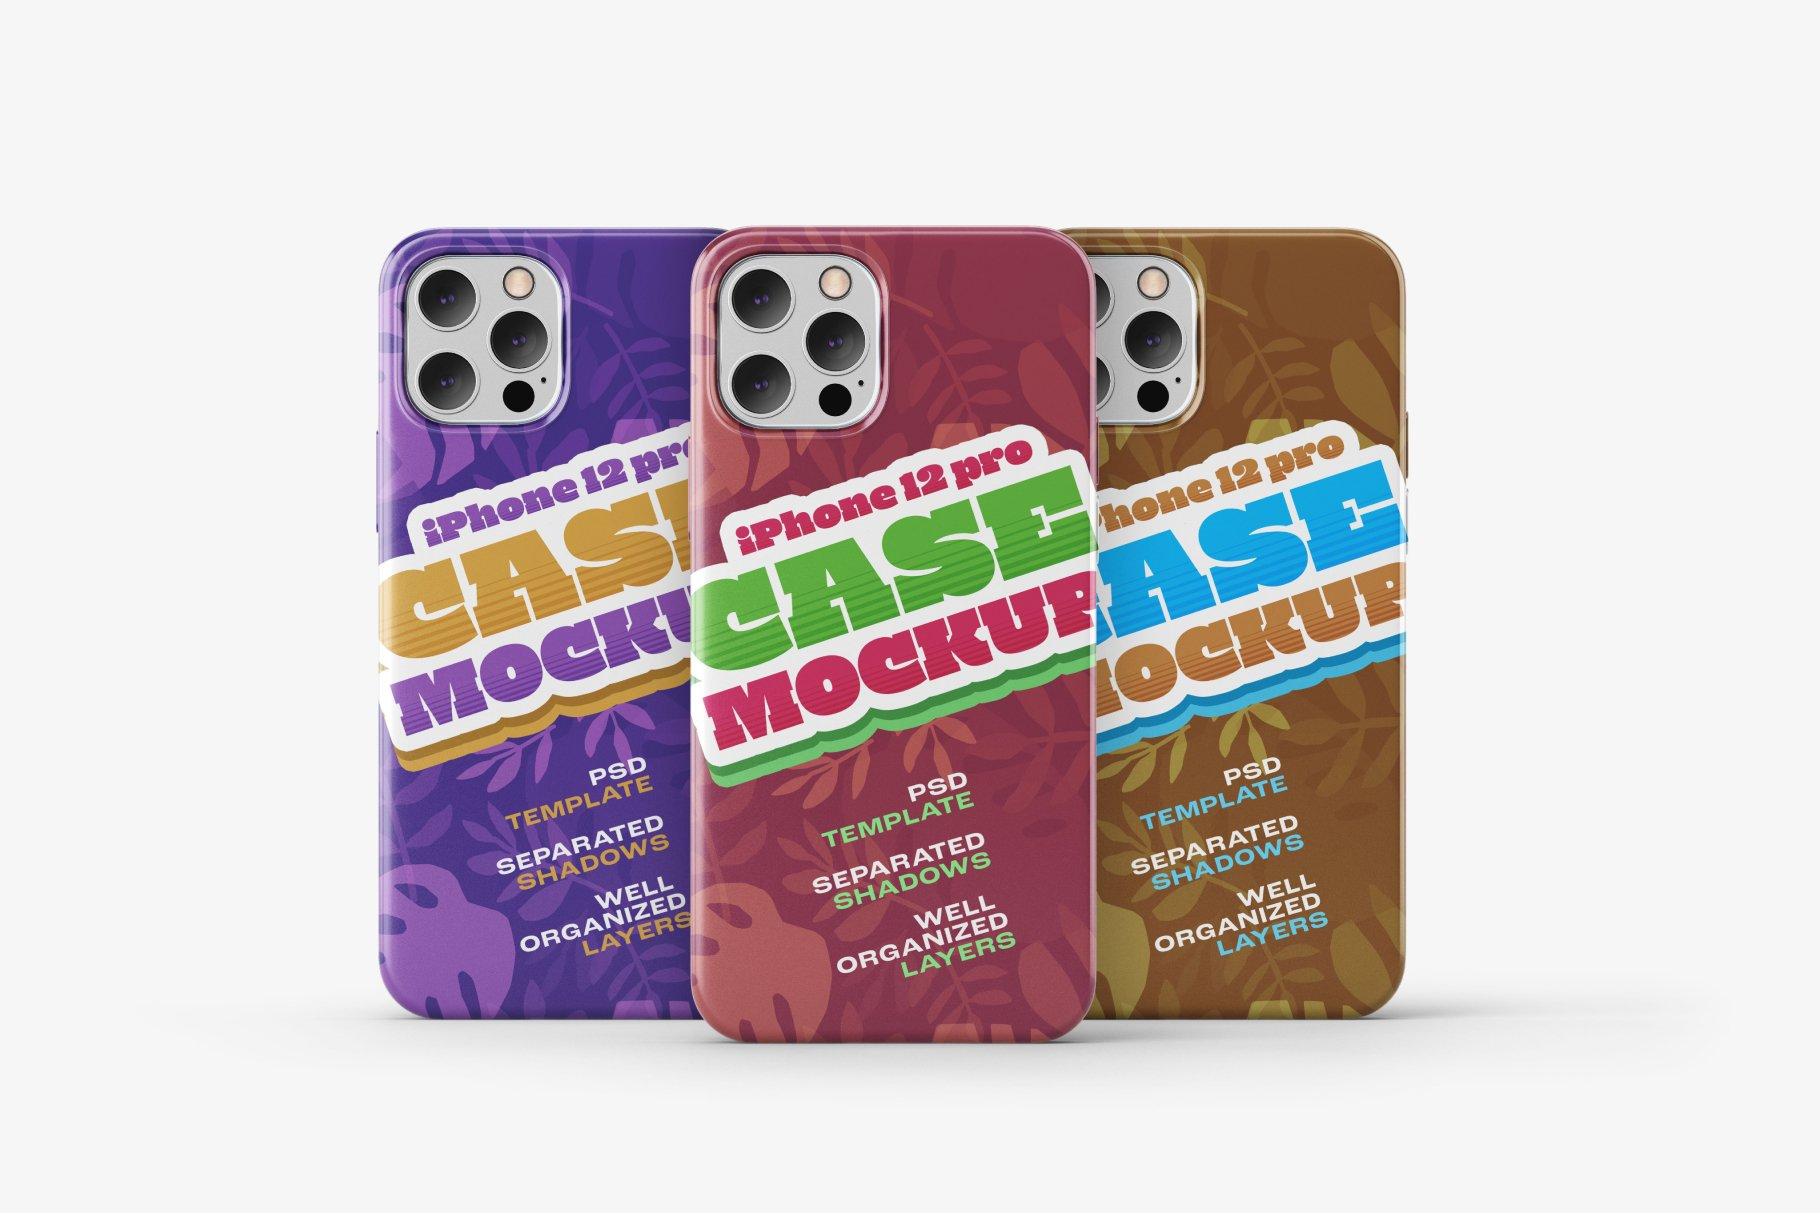 14款iPhone 12 Pro手机壳外观设计展示样机合集 iPhone 12 Pro Case Mockup Set插图6